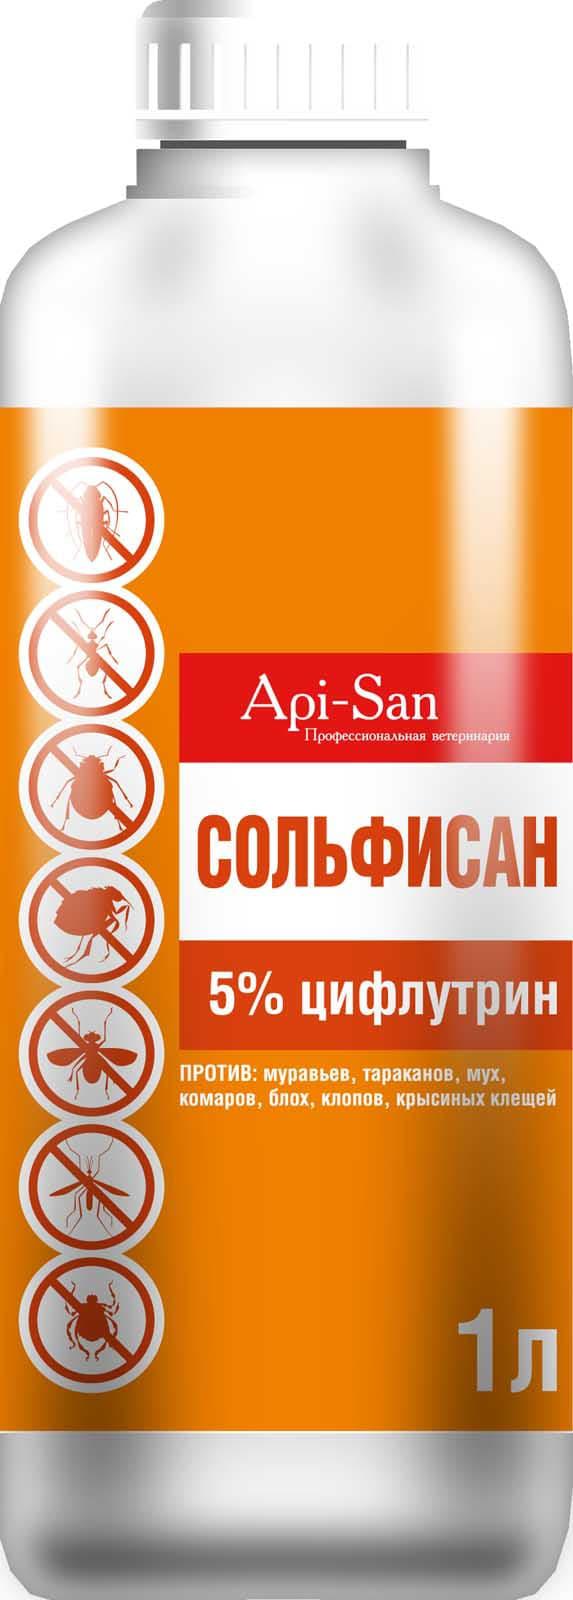 наложенный платеж почта россии бланк 112 скачать